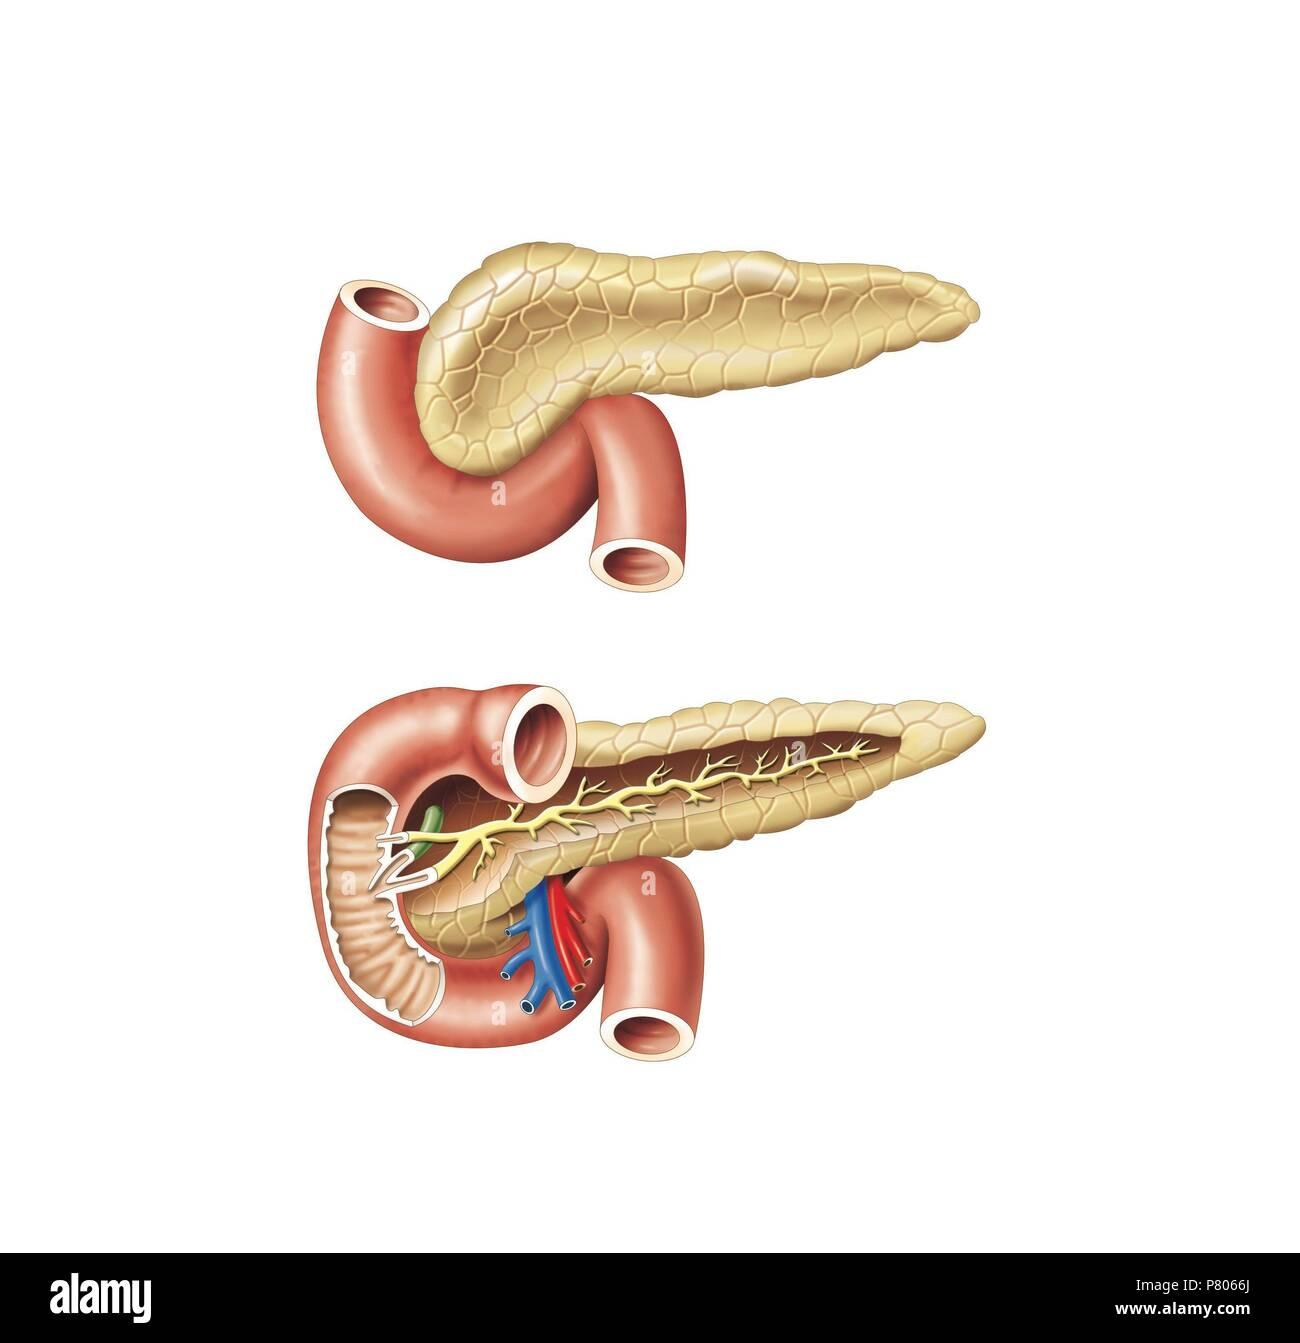 Bauchspeicheldrüse Anatomie Stockfoto, Bild: 211446554 - Alamy